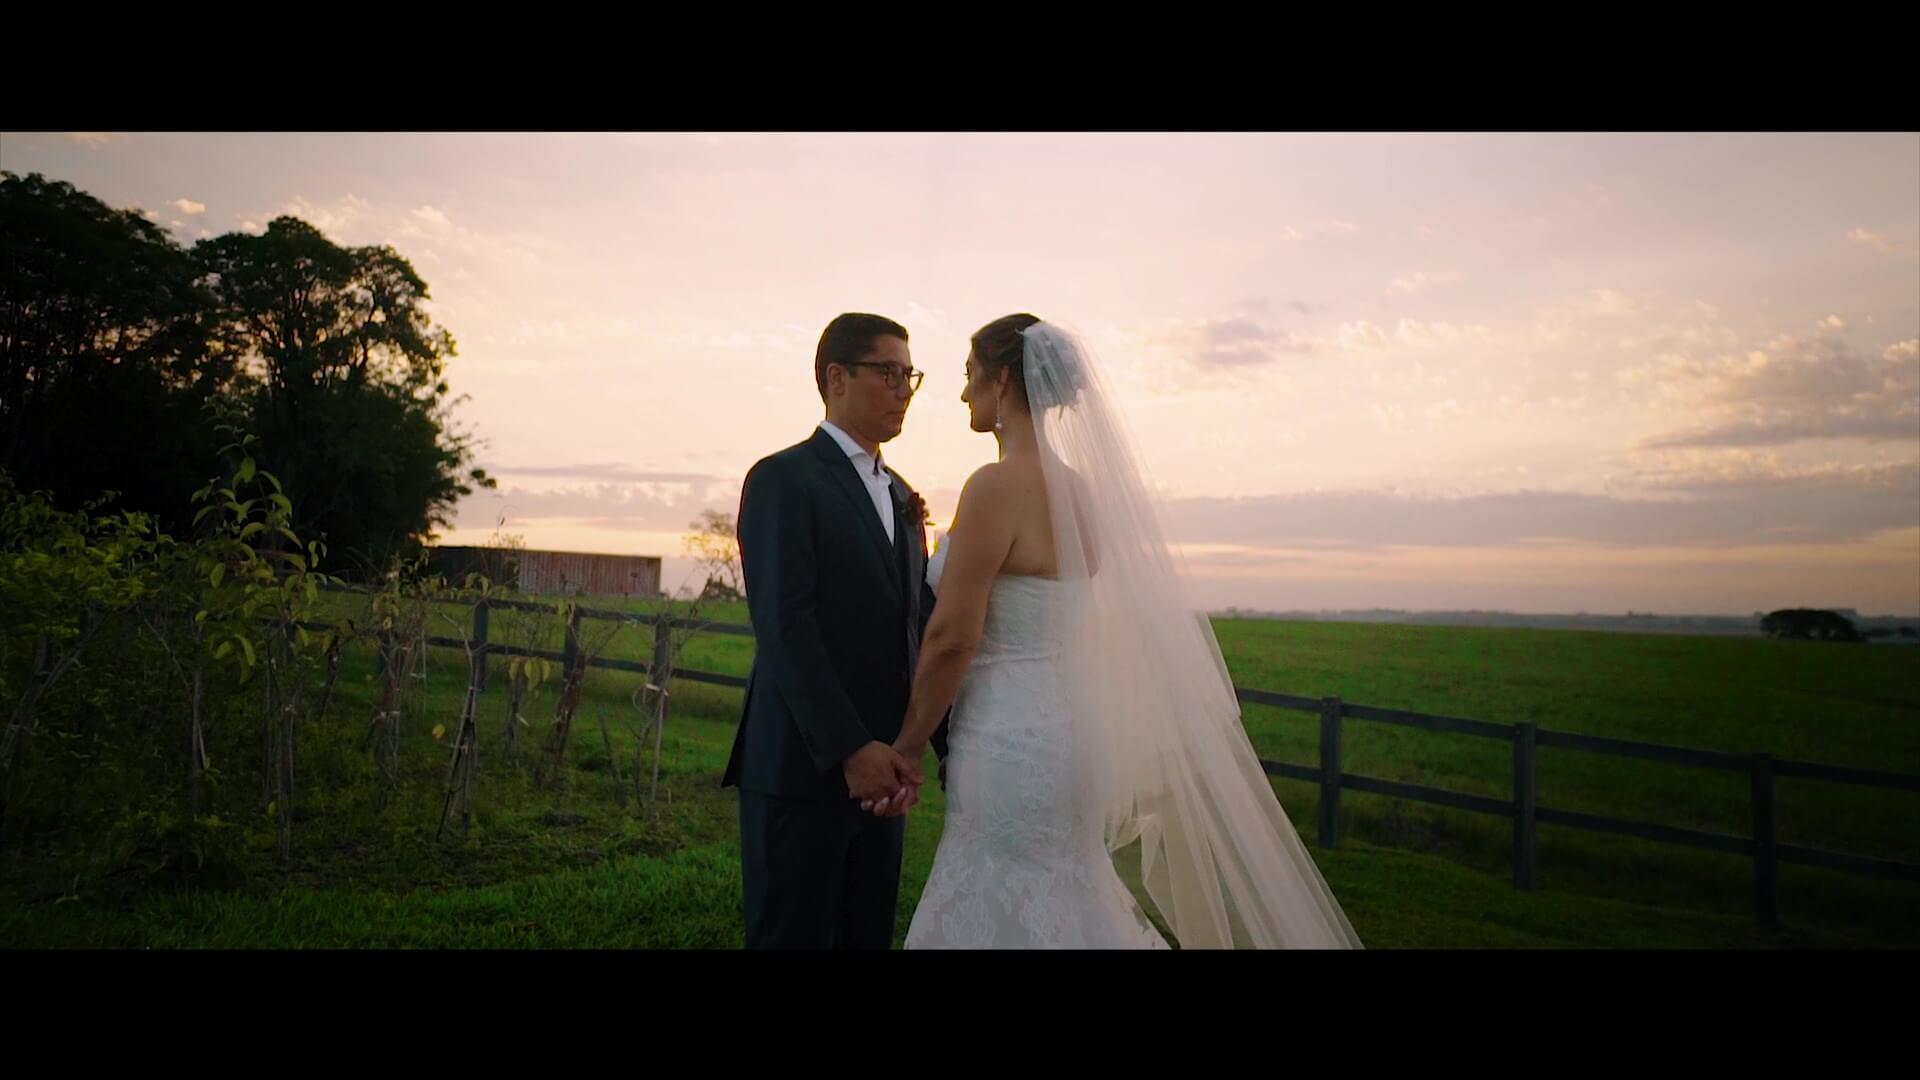 glenda_e_cassio_destination_wedding_fazenda_rio_grande_do_sul00017